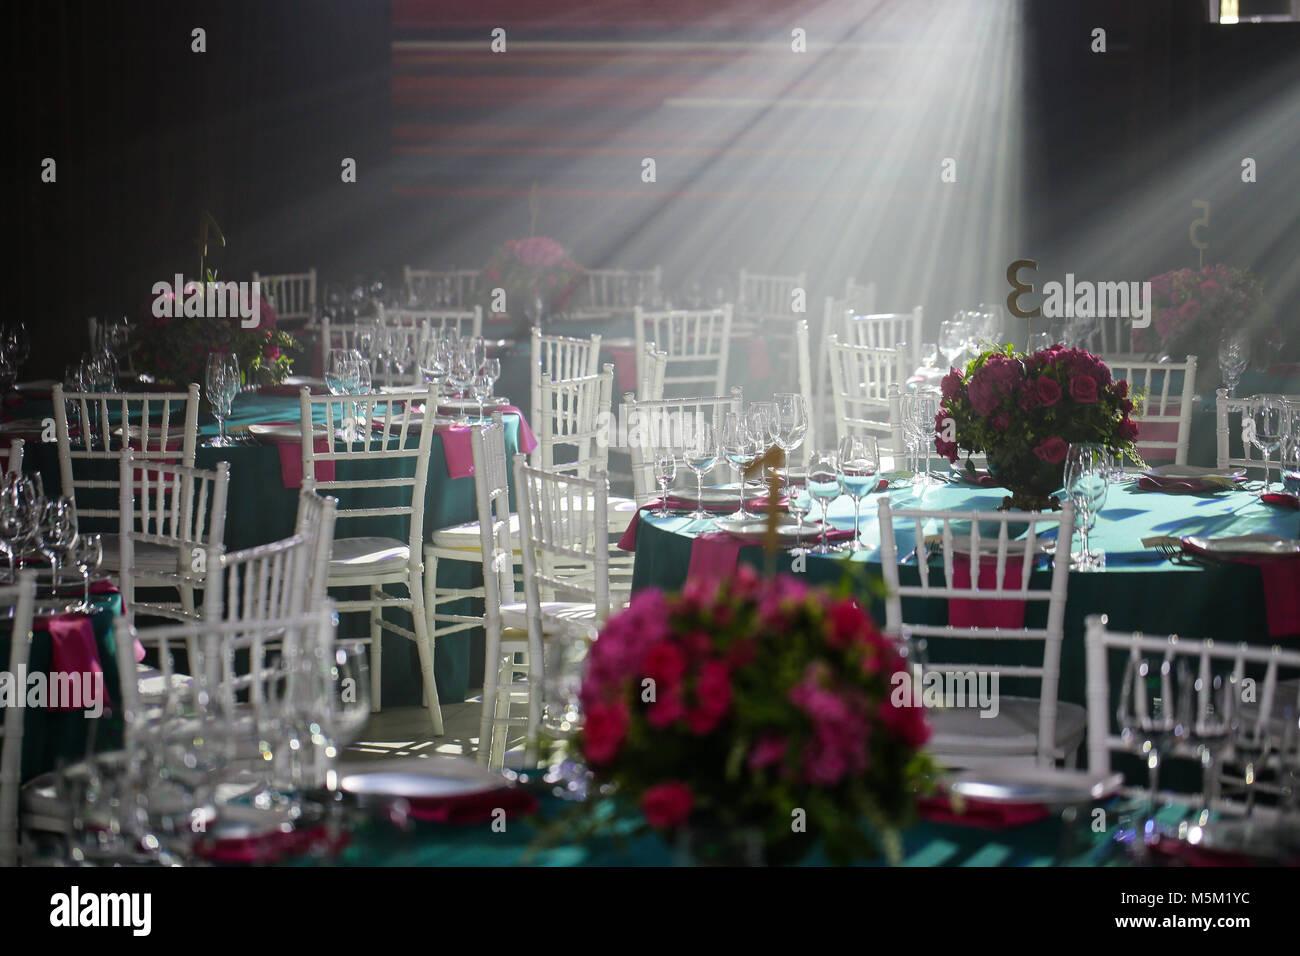 Bankettsaal oder andere Funktion Einrichtung für feines Dining Set. Stockbild